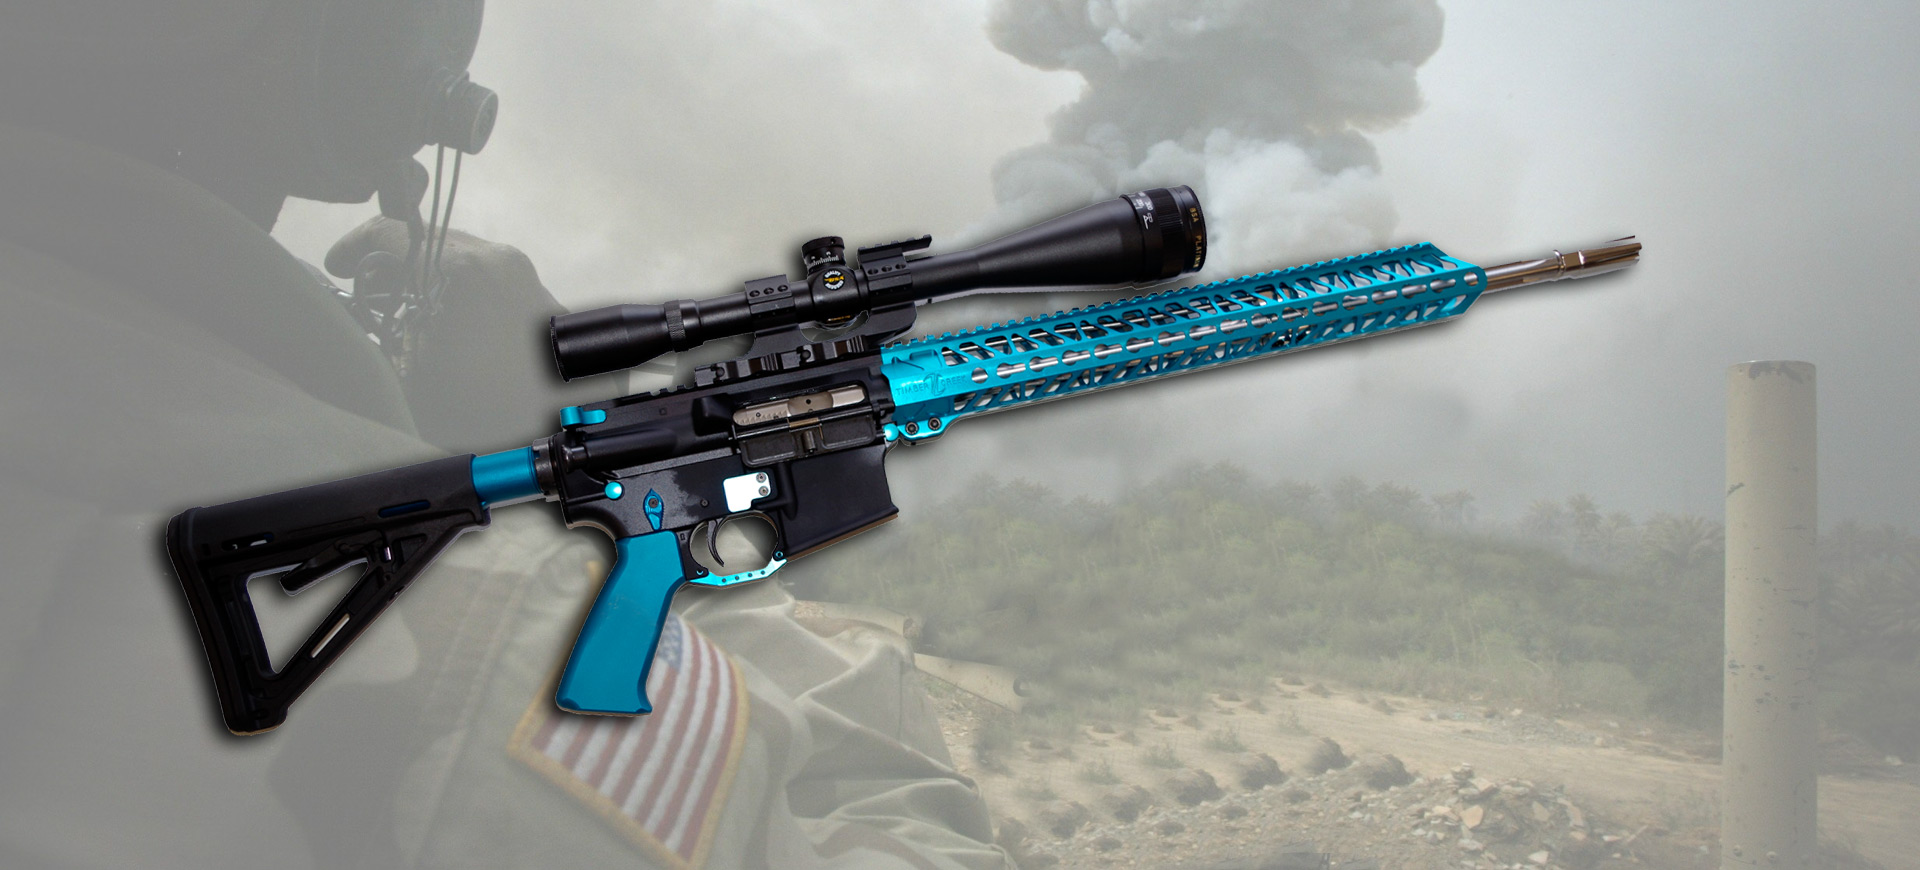 ar15-anodized-teal-blue-gun